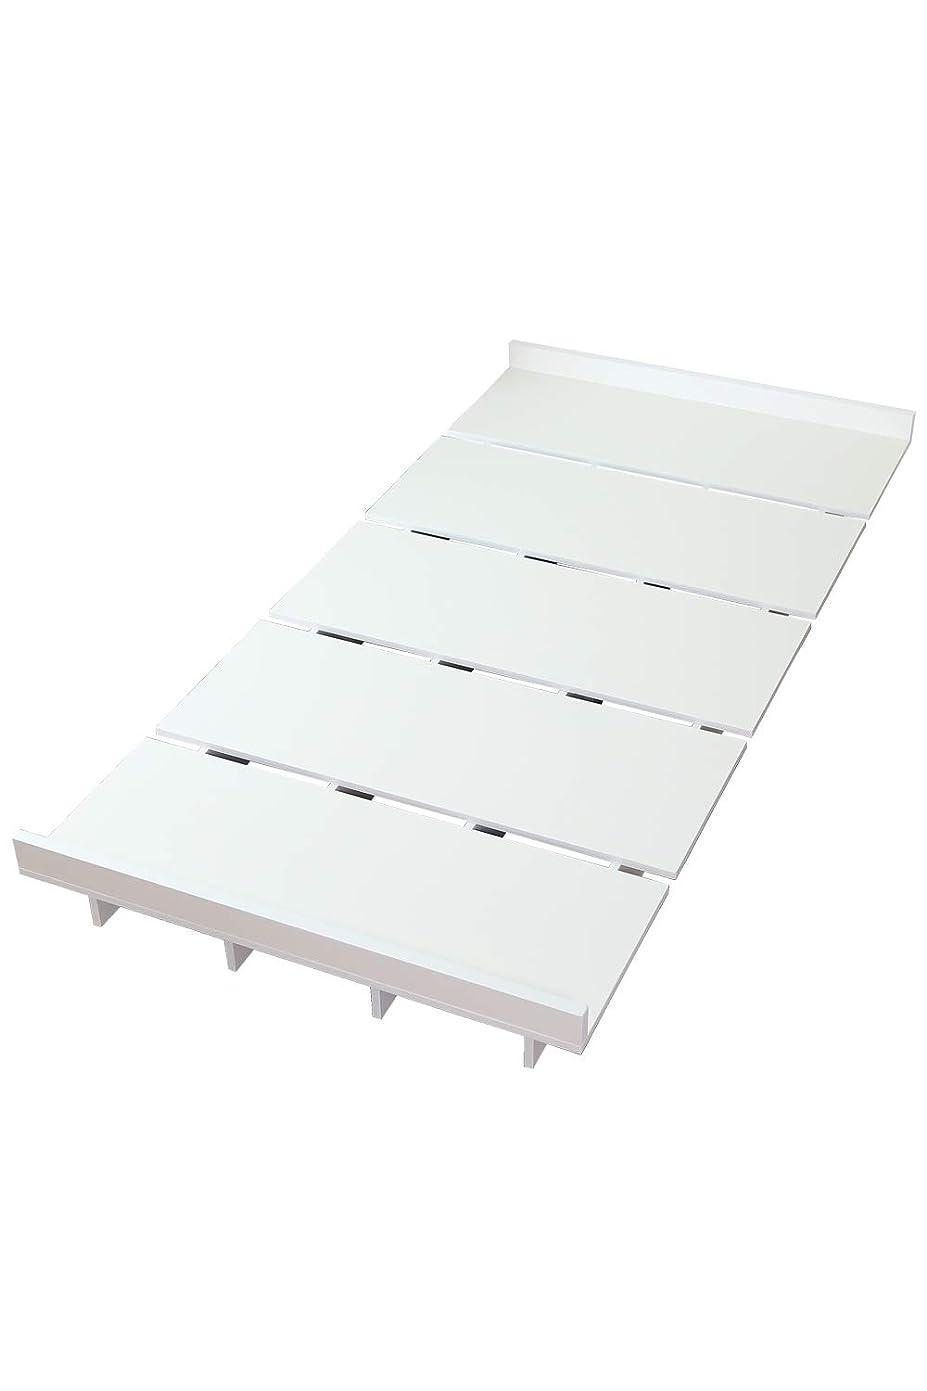 異なる人事滴下DORIS ベッド ベッドフレーム シングル ロースタイル すのこ仕様 組立式 ホワイト ゼスト